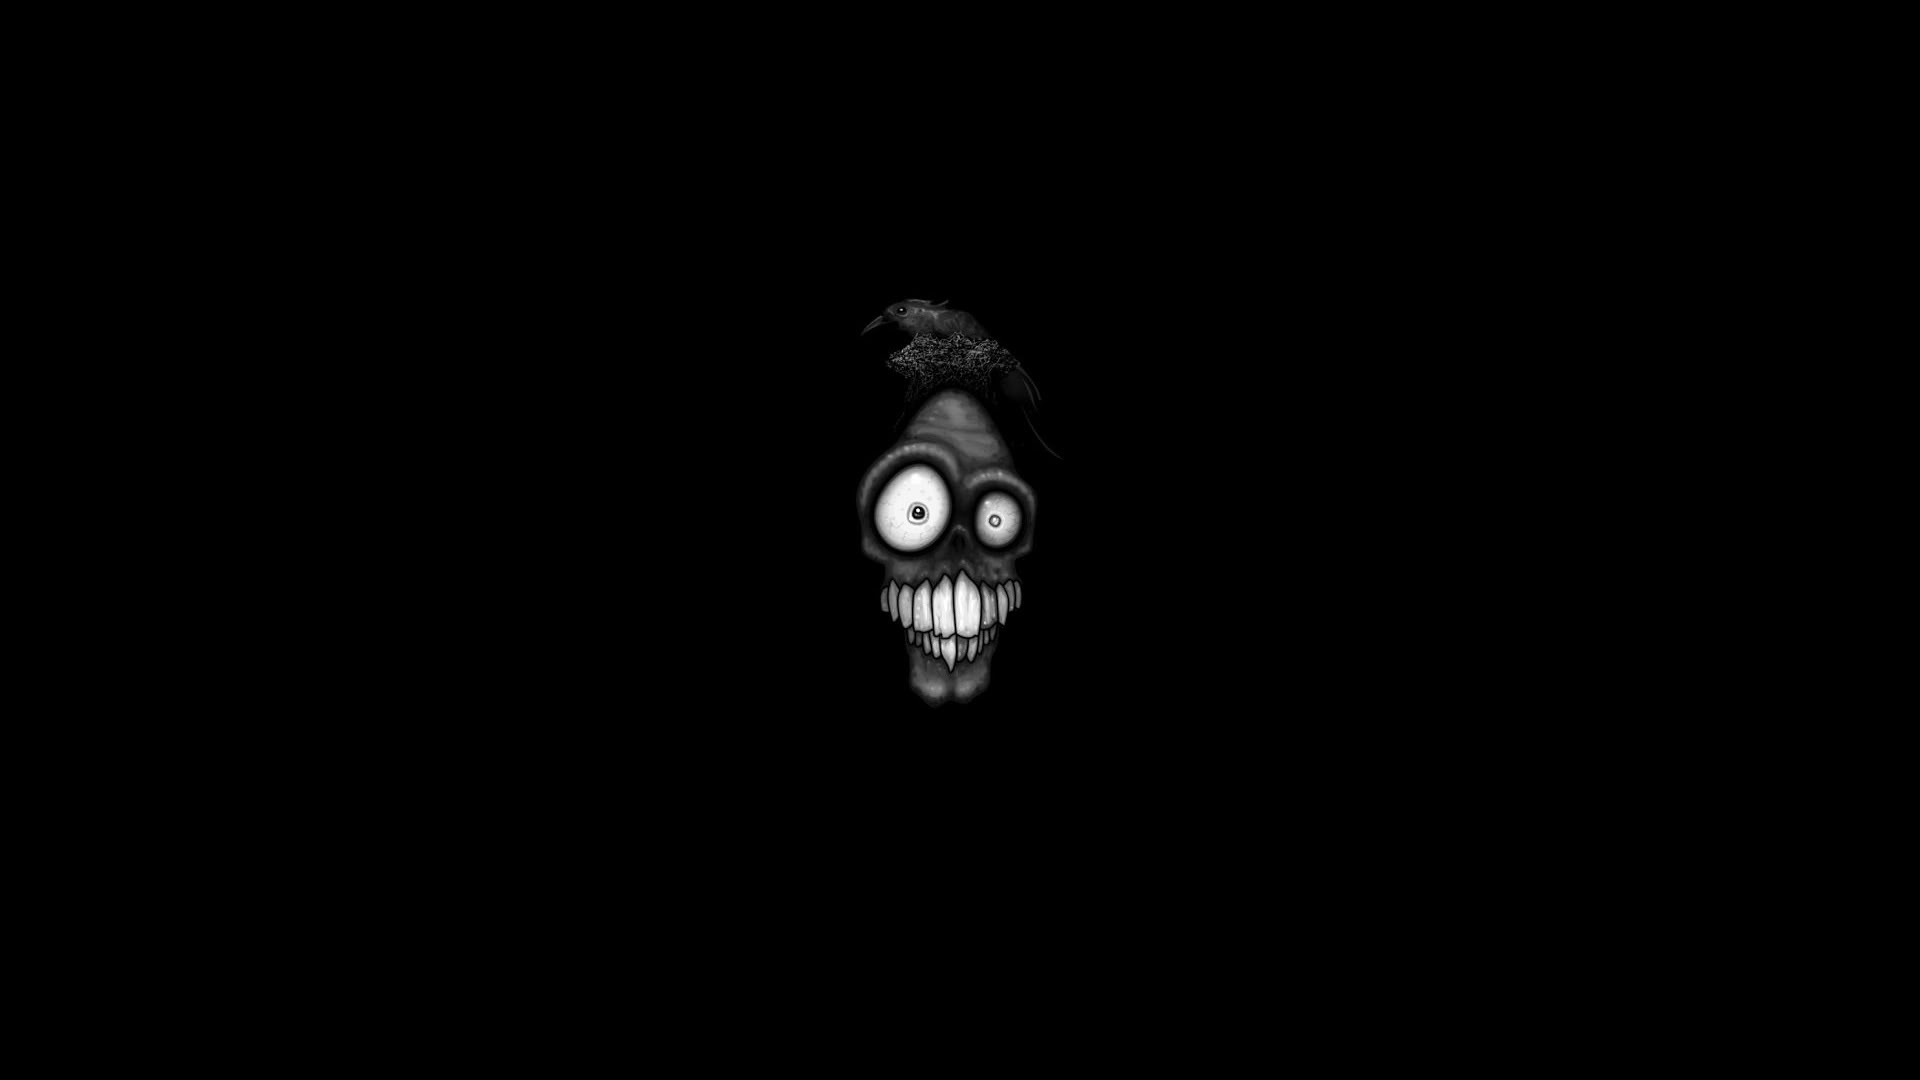 Download 66 Wallpaper Hd Dark Terbaik